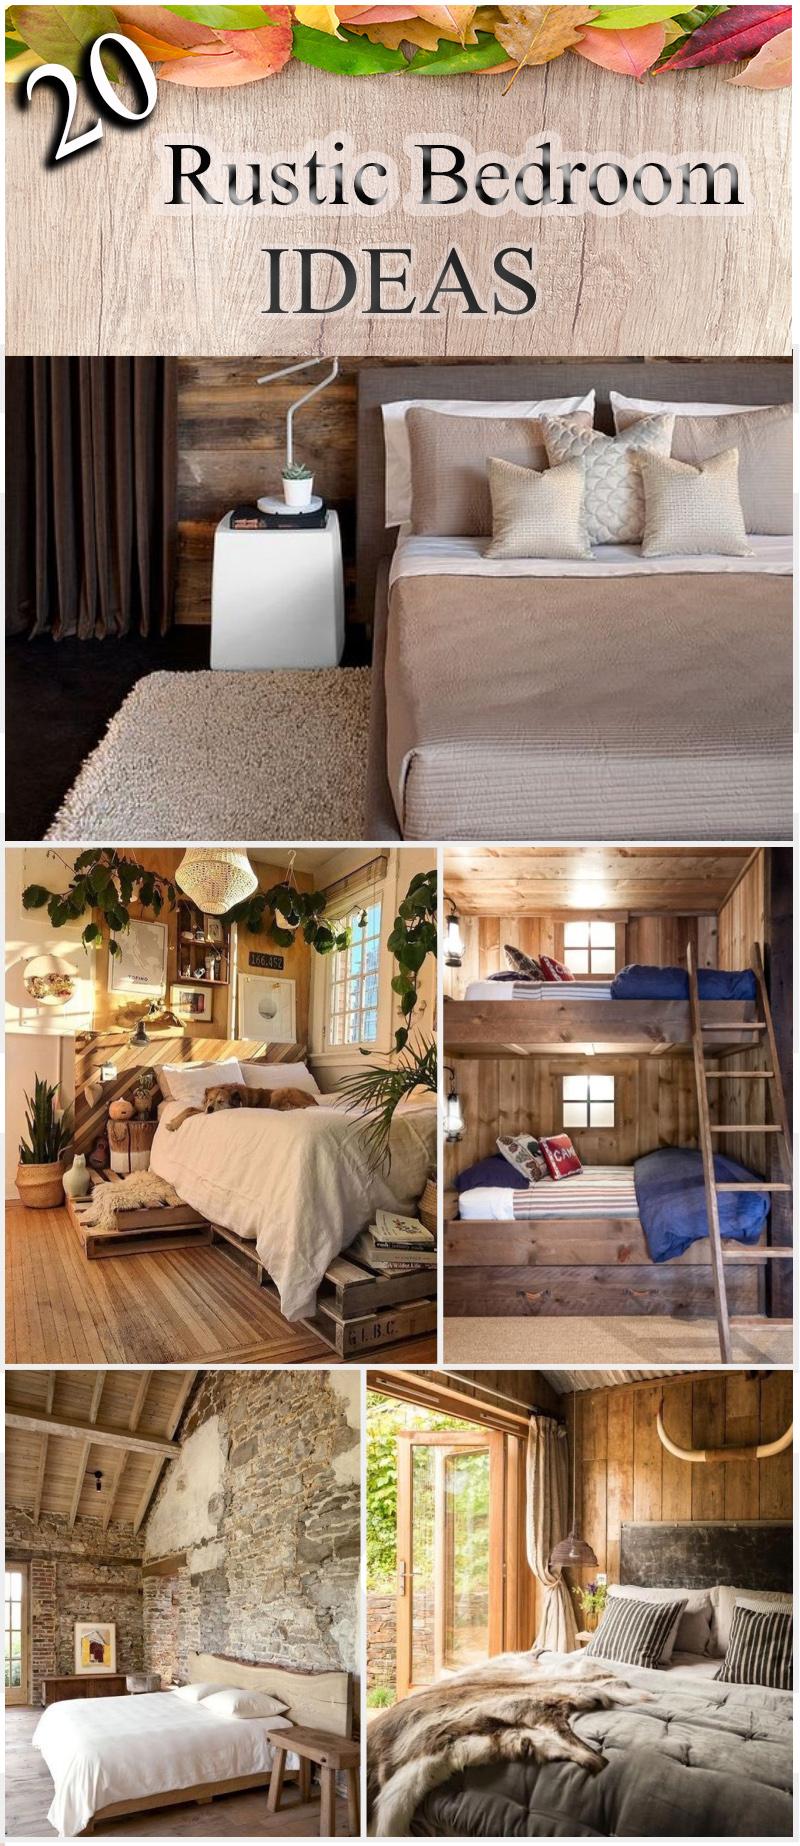 Rustic Kids Bedrooms 20 Creative Cozy Design Ideas: 20 Rustic Bedroom Ideas For Creative People